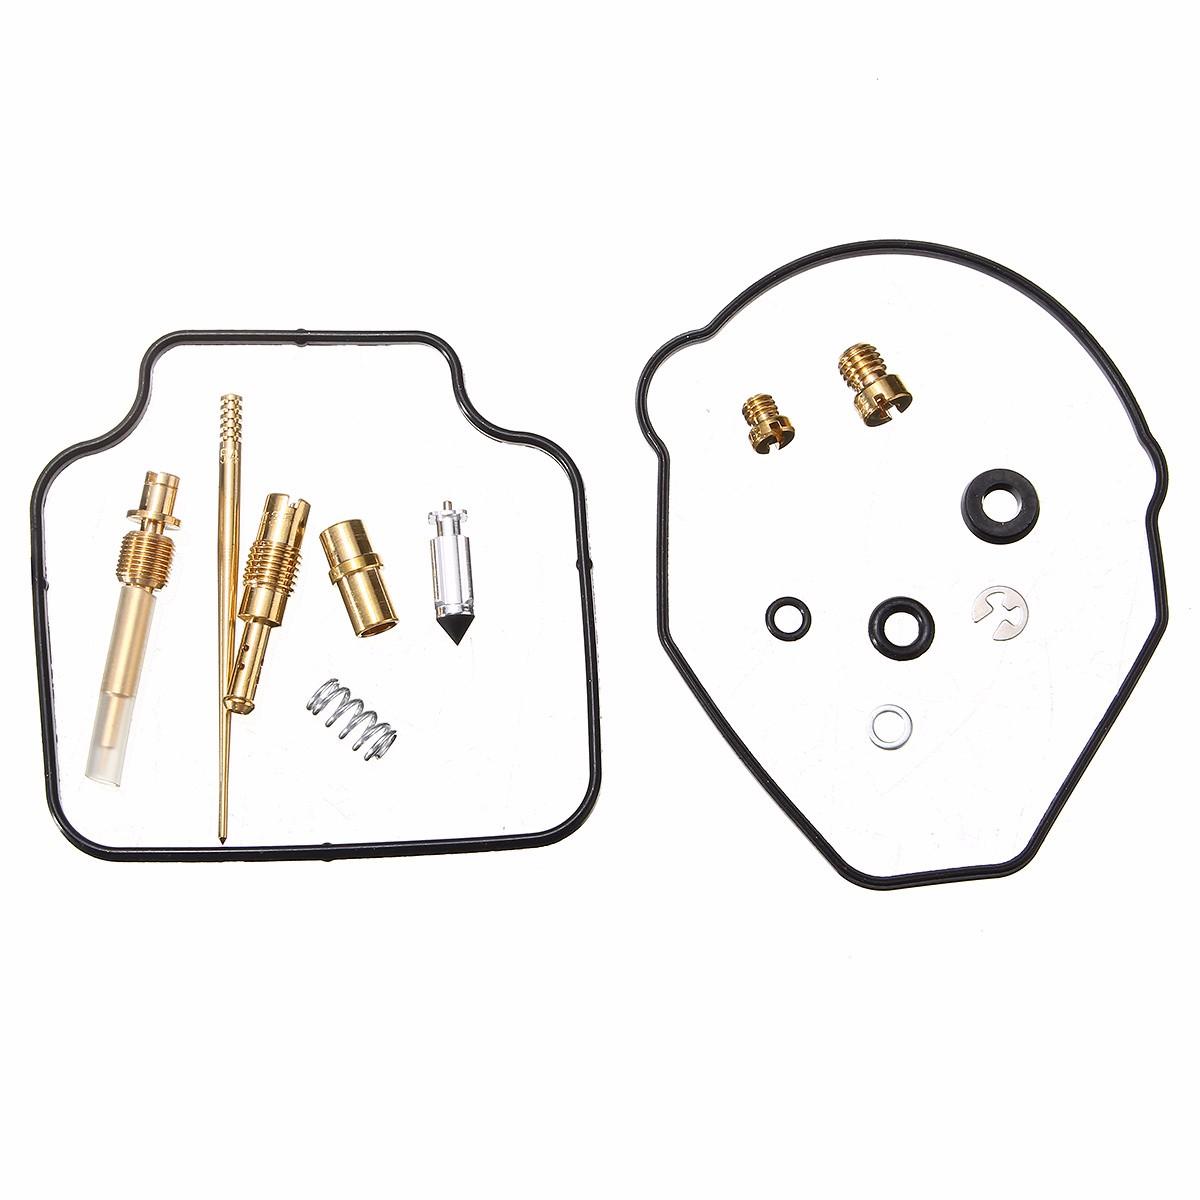 Carb Repair Kit Fourtrax Carburetor Rebuild Tools Set For Honda Trx 250 Sale